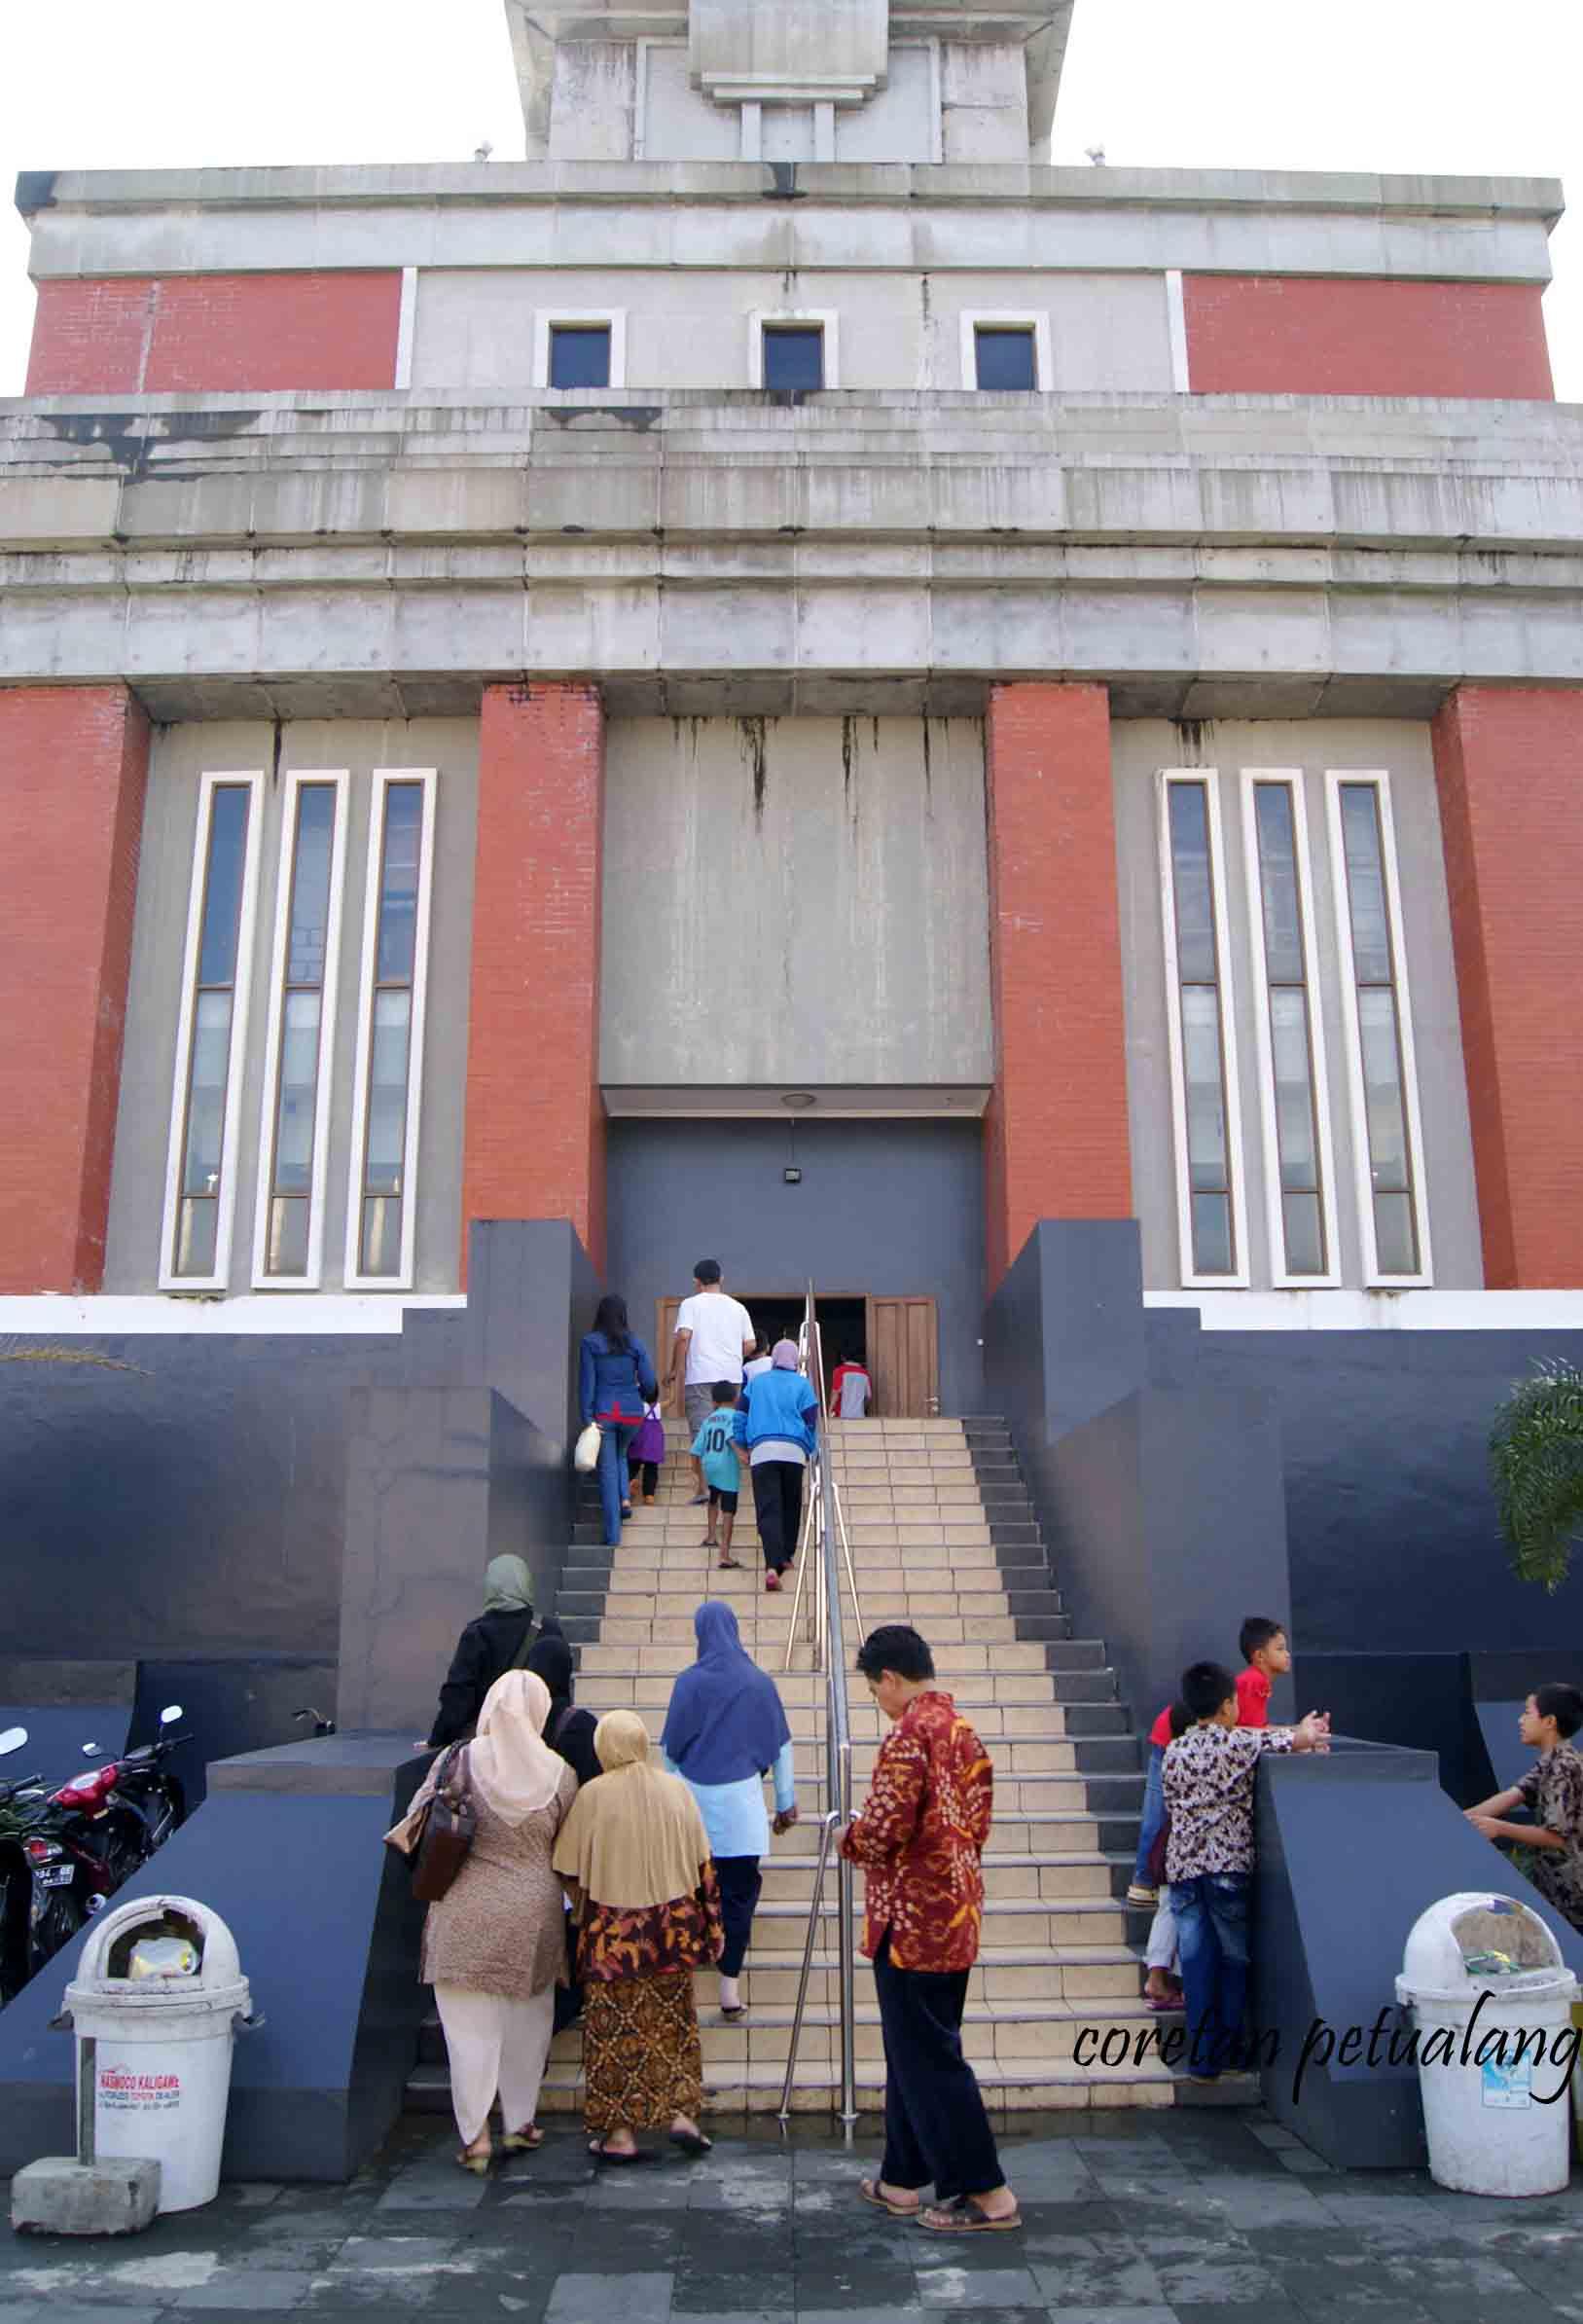 Yuk Tengok Isi Menara Masjid Agung Jateng Coretanpetualang Blog Main